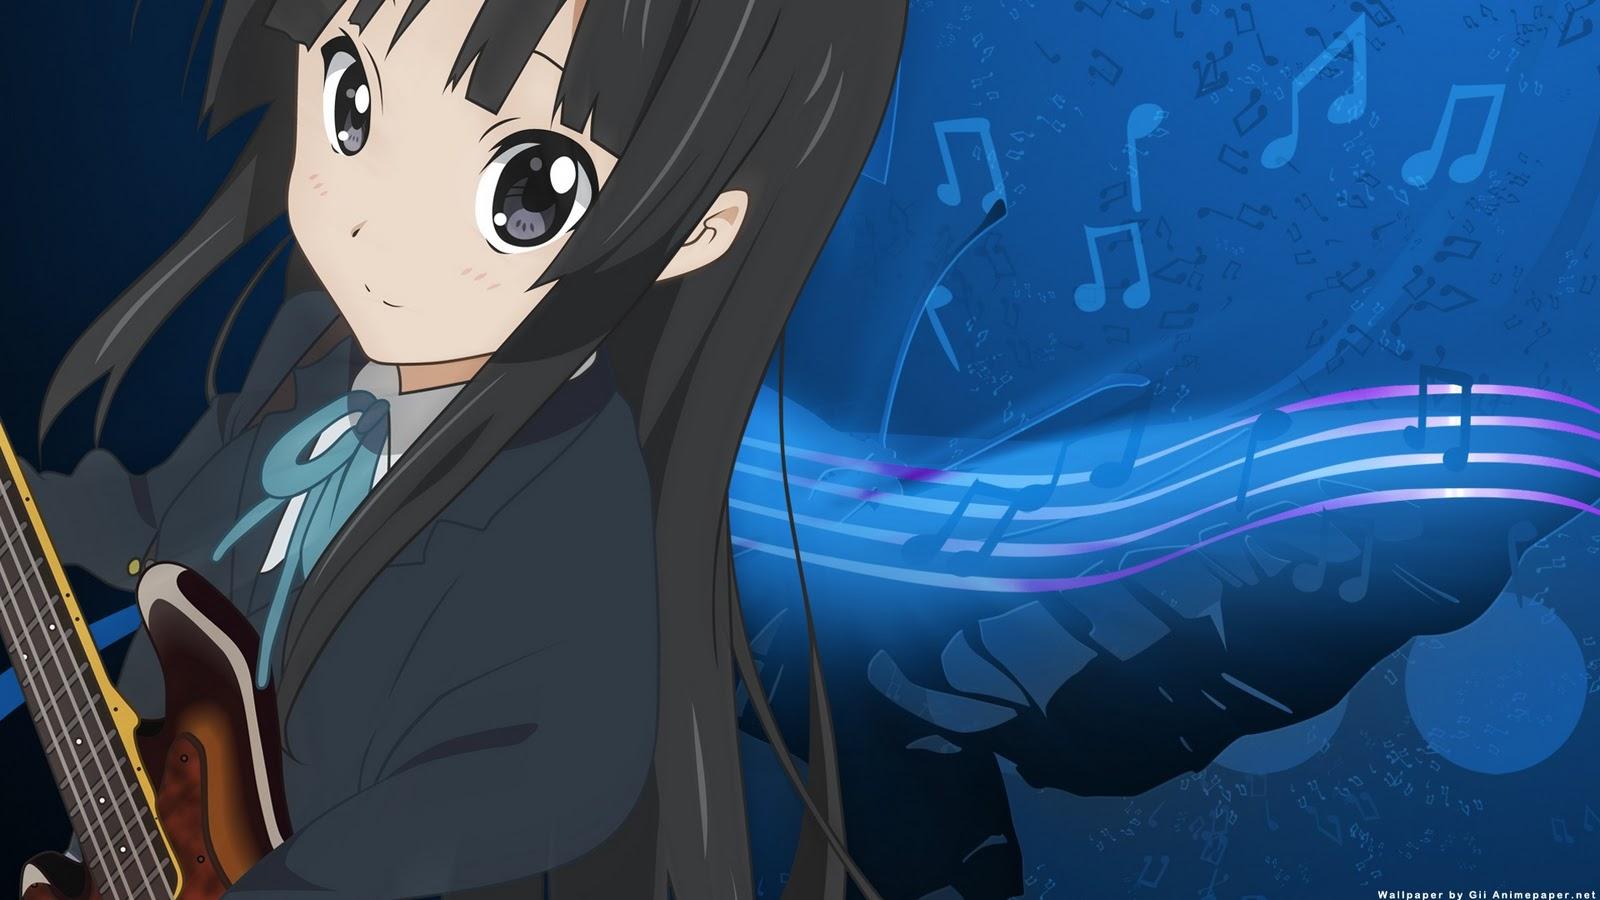 http://3.bp.blogspot.com/-hPxtTWKEGxA/TtGehOgRp5I/AAAAAAAACIw/BopSf9JDzPk/s1600/akiyama+mio+wallpaper.jpg